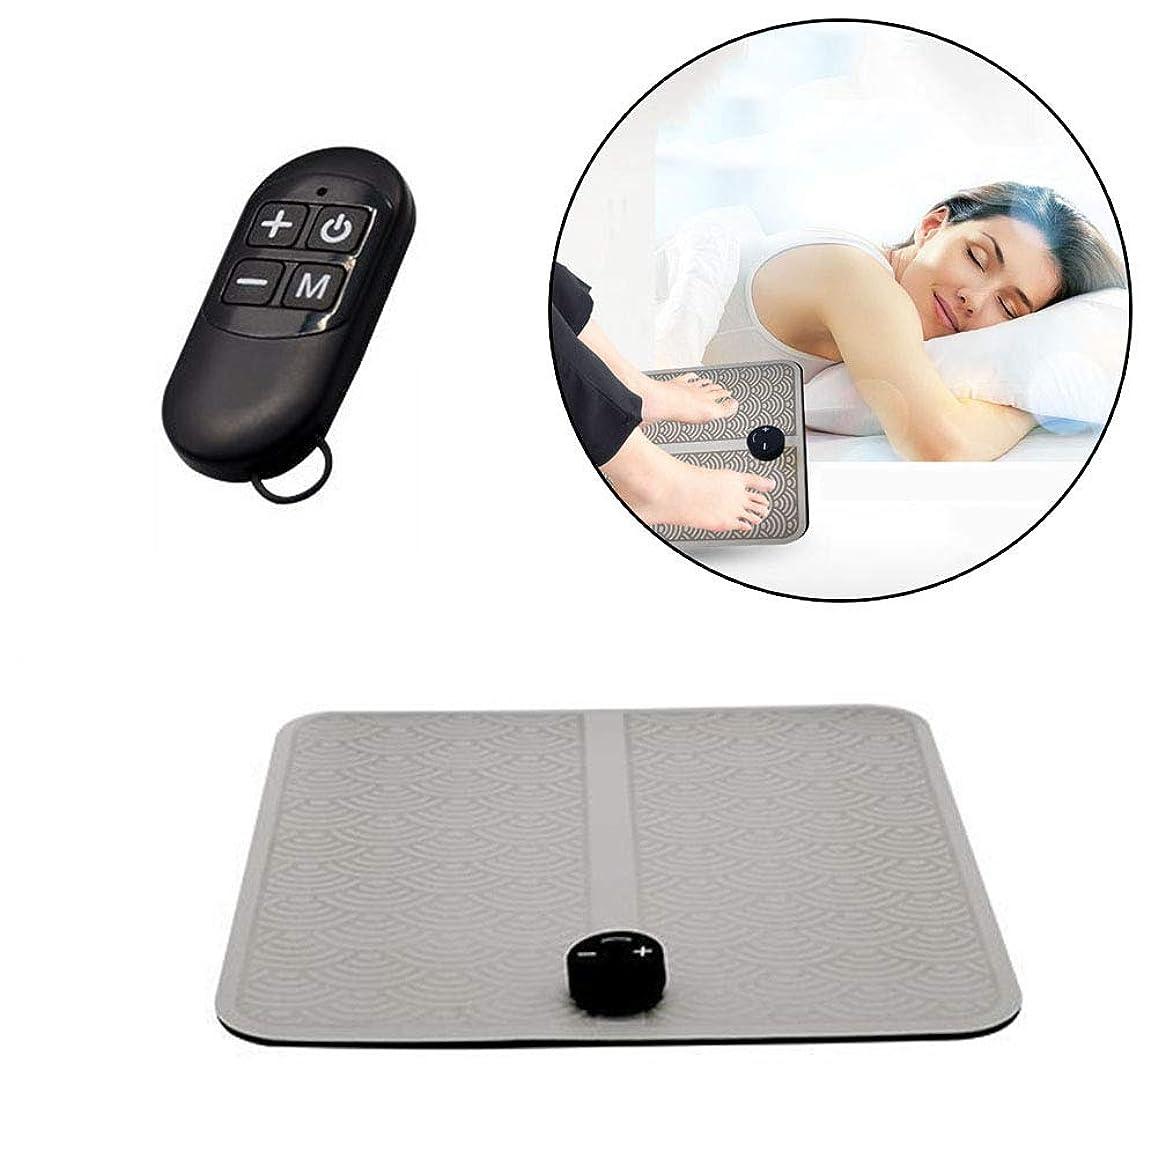 毒性内側オッズUSBフットマッサージャー(EMS)電磁的に充電可能な筋肉刺激による痛みの緩和、ワイヤレス血液循環の改善、足の疲労の緩和